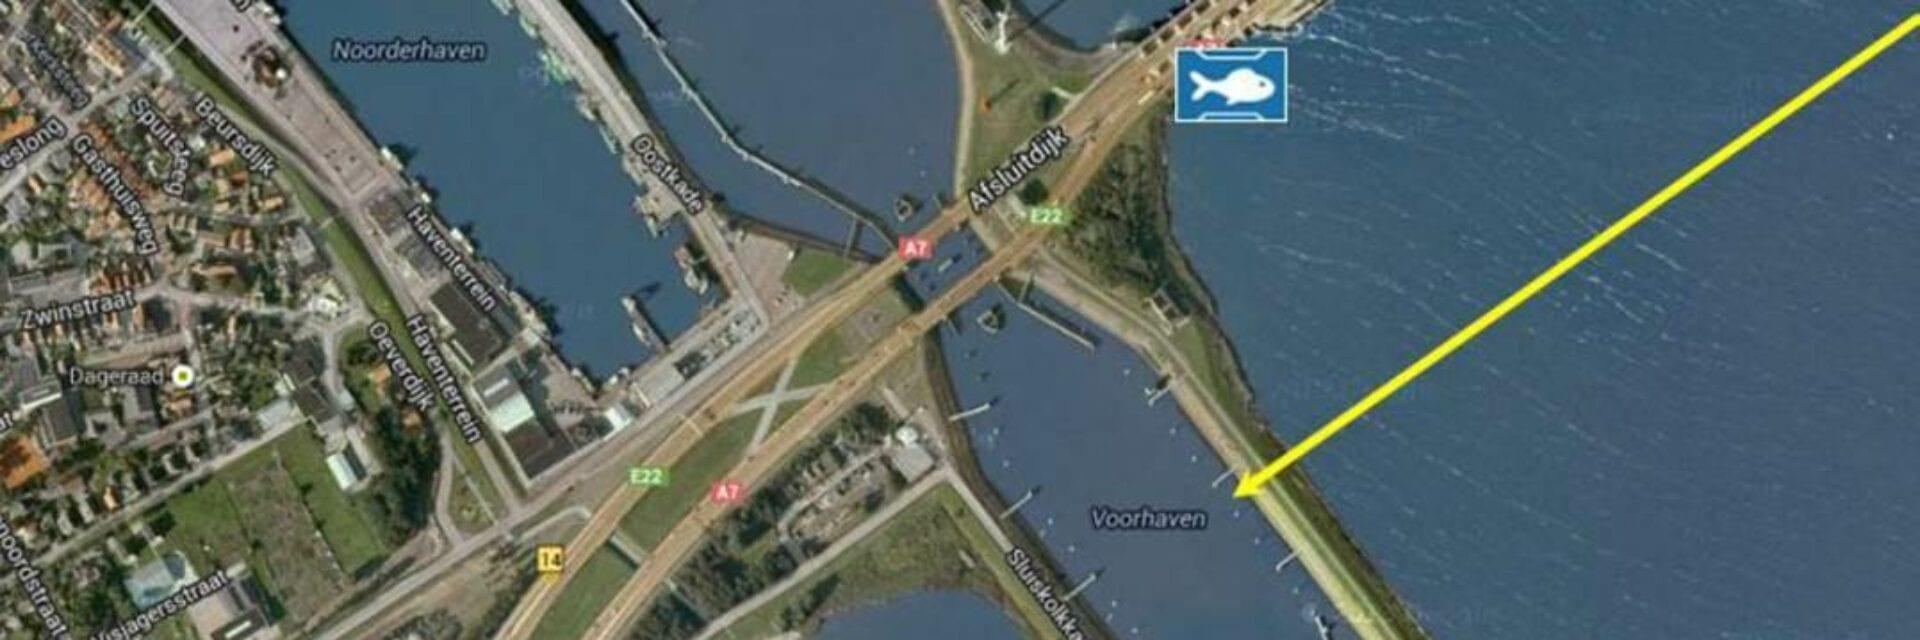 Een weergave van de toekomstige Vismigratierivier: je ziet de kaart van Den Oever. Naast de stad ligt de Voorhaven. Hier wordt de vispassage aangelegd. Dit mondt uit in een visvriendelijke schut- en spuisluisbeheer bij het IJsselmeer (rechts). Ga je verder de Afsluitdijk op dan kom je ook drie visvriendelijke schut- en sluisbeheerpunten tegen.